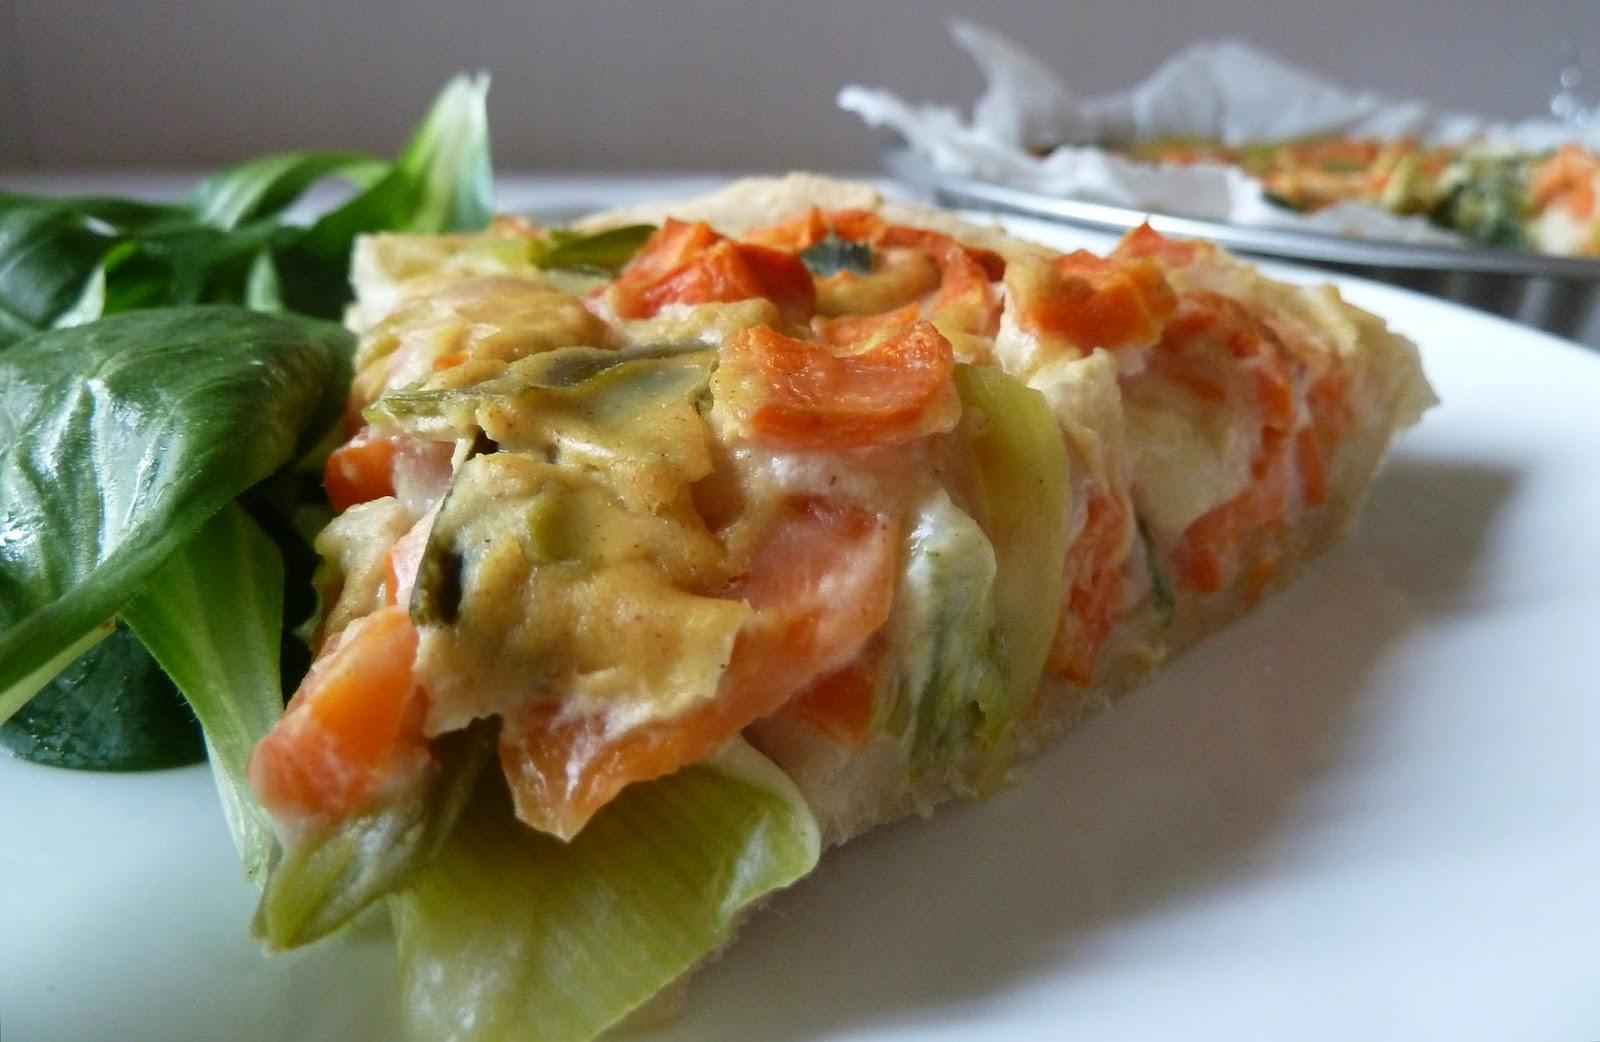 Quiche carottes poireaux moutarde sans oeufs - Recette quiche sans oeuf ...